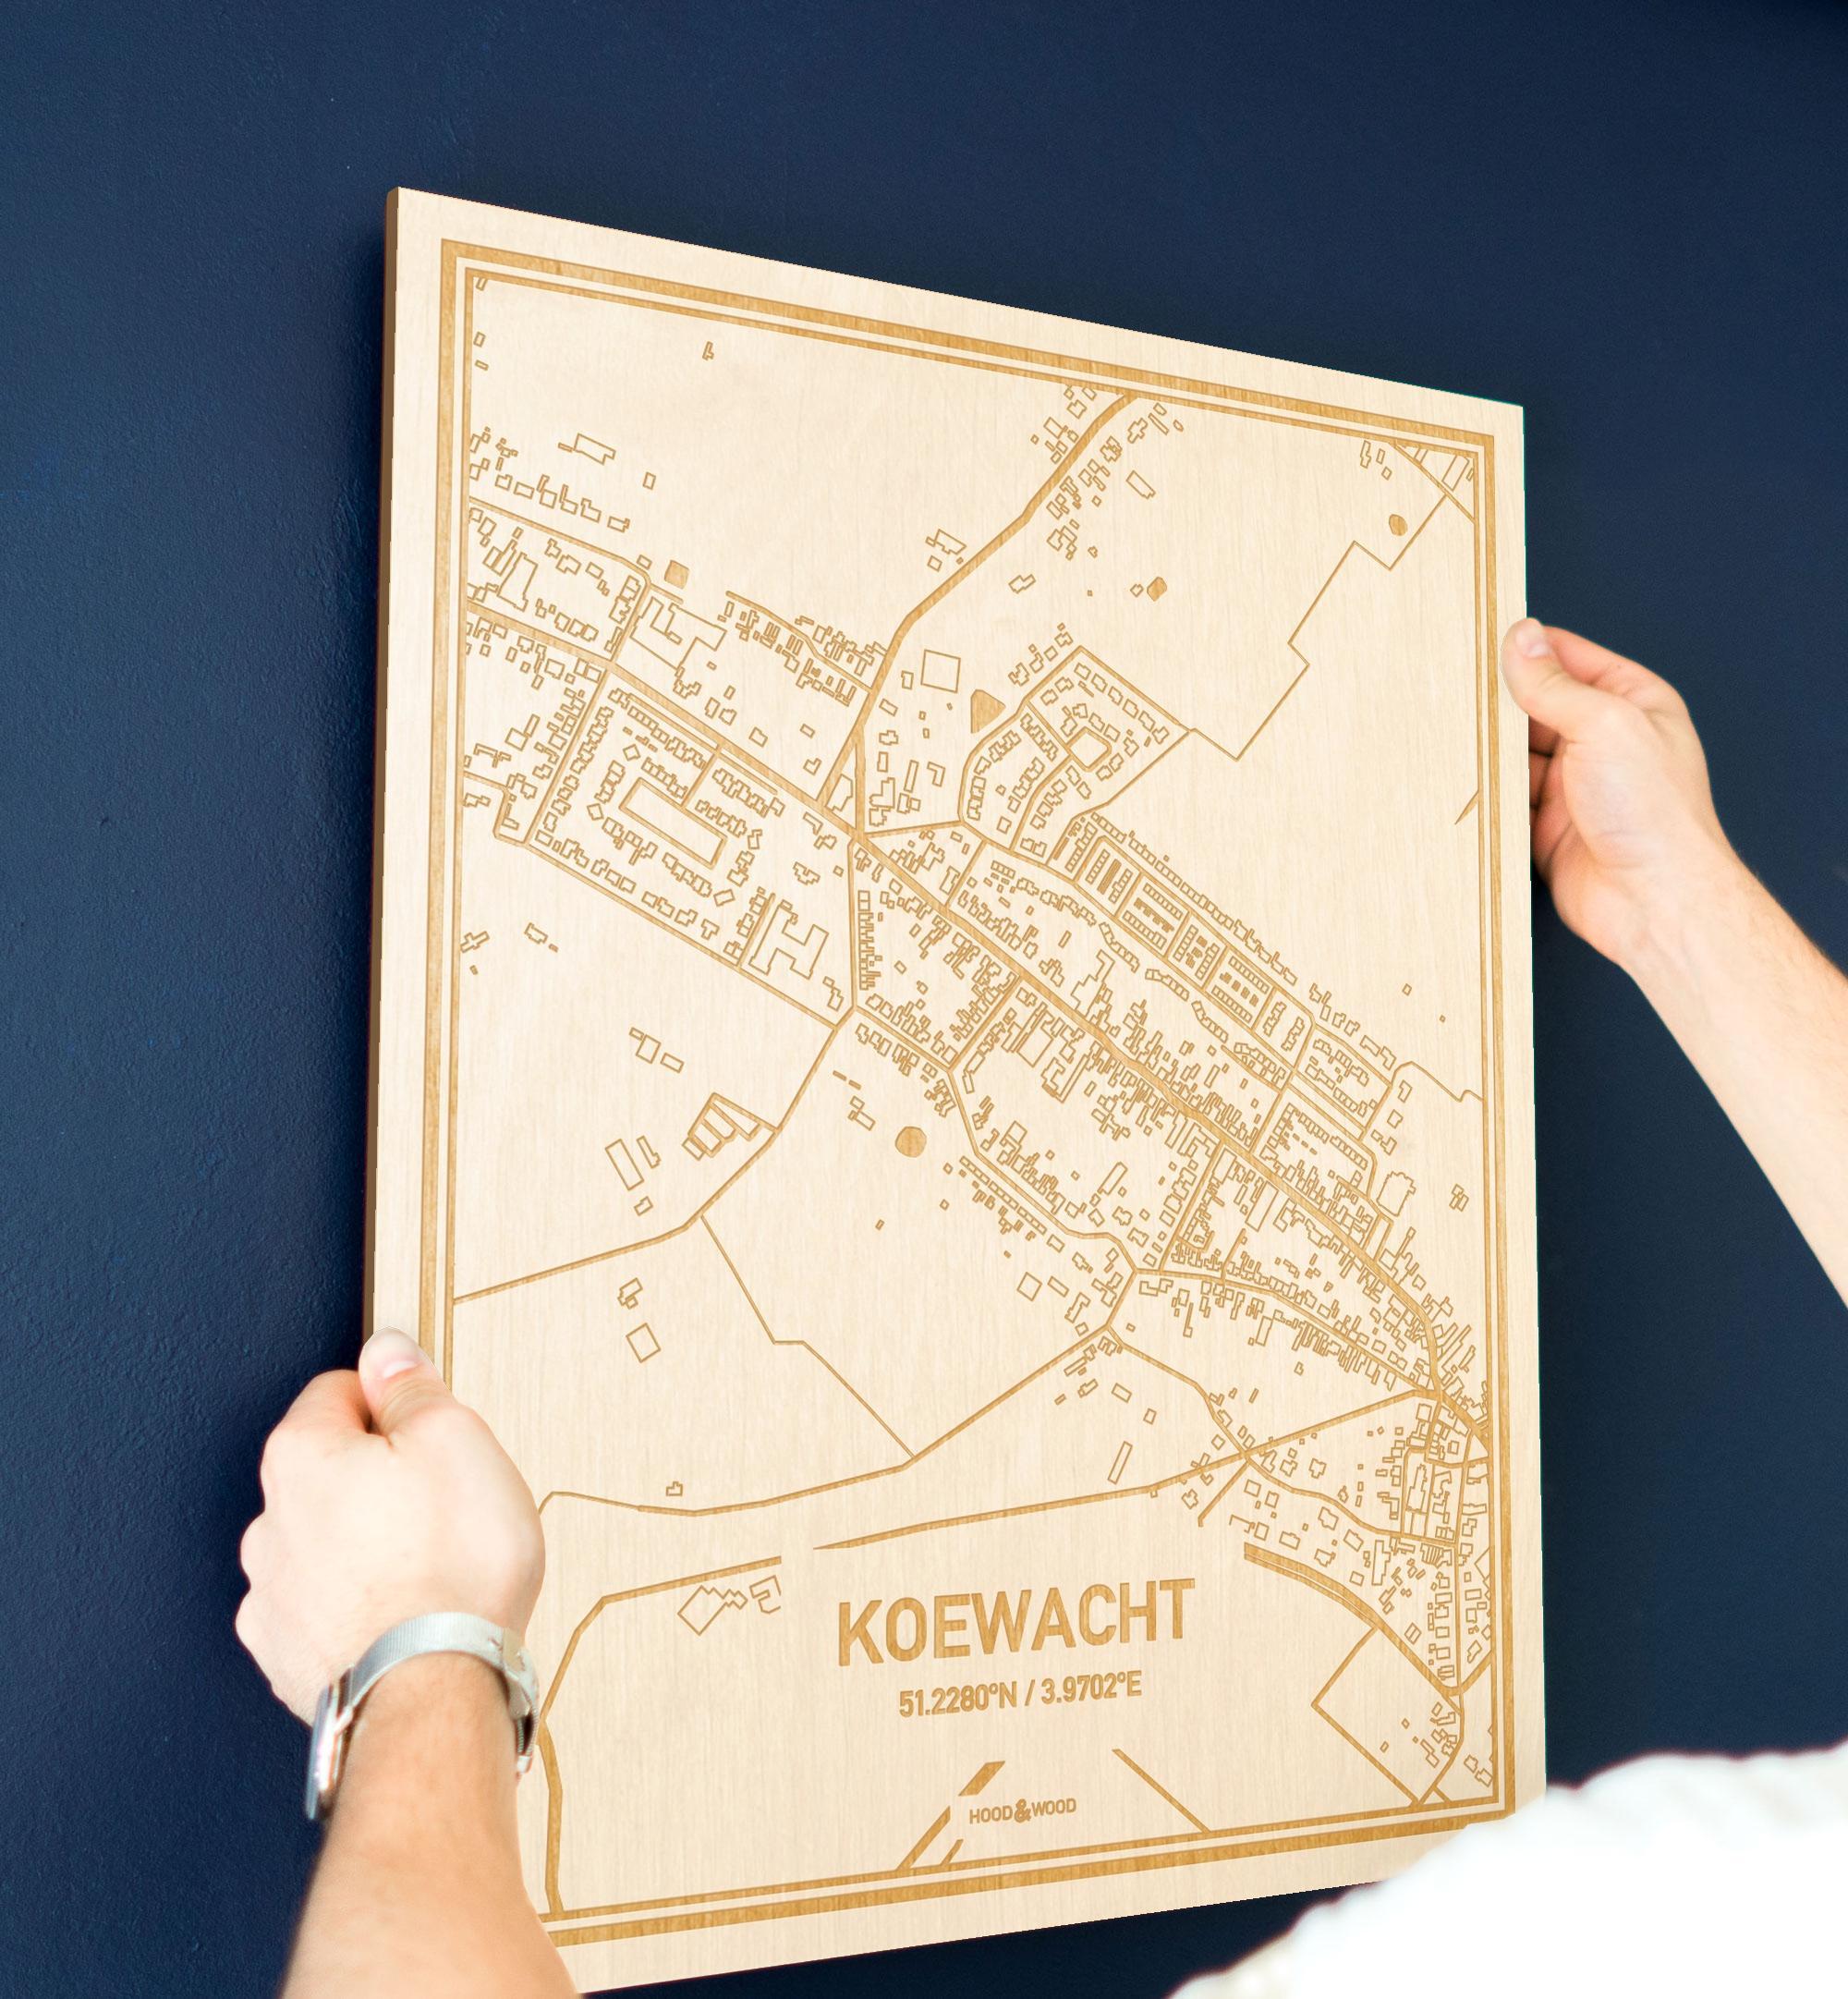 Een man hangt de houten plattegrond Koewacht aan zijn blauwe muur ter decoratie. Je ziet alleen zijn handen de kaart van deze opvallende in Zeeland vasthouden.